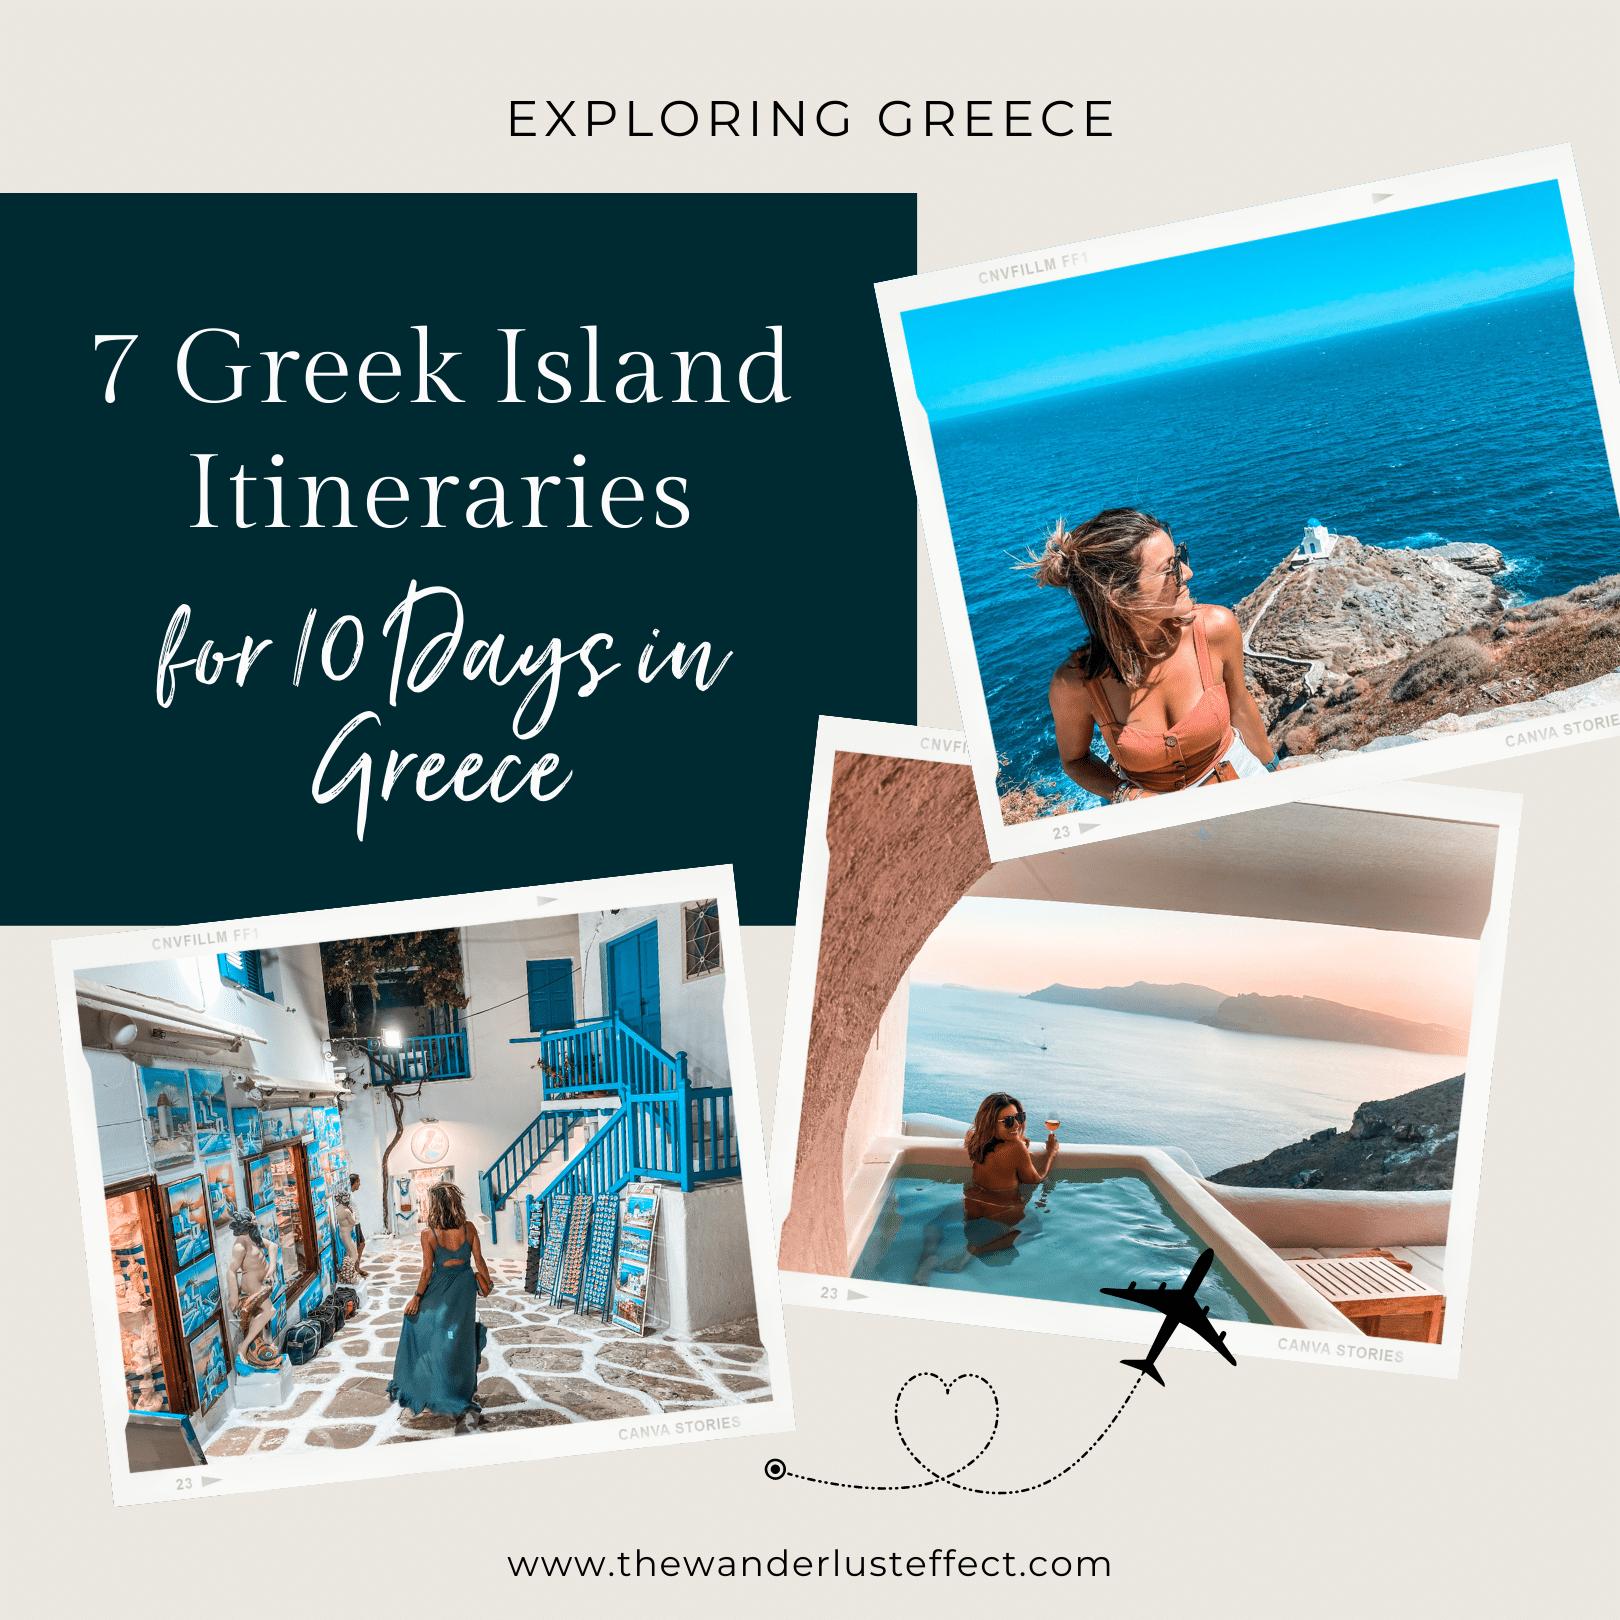 Greek Island Itineraries